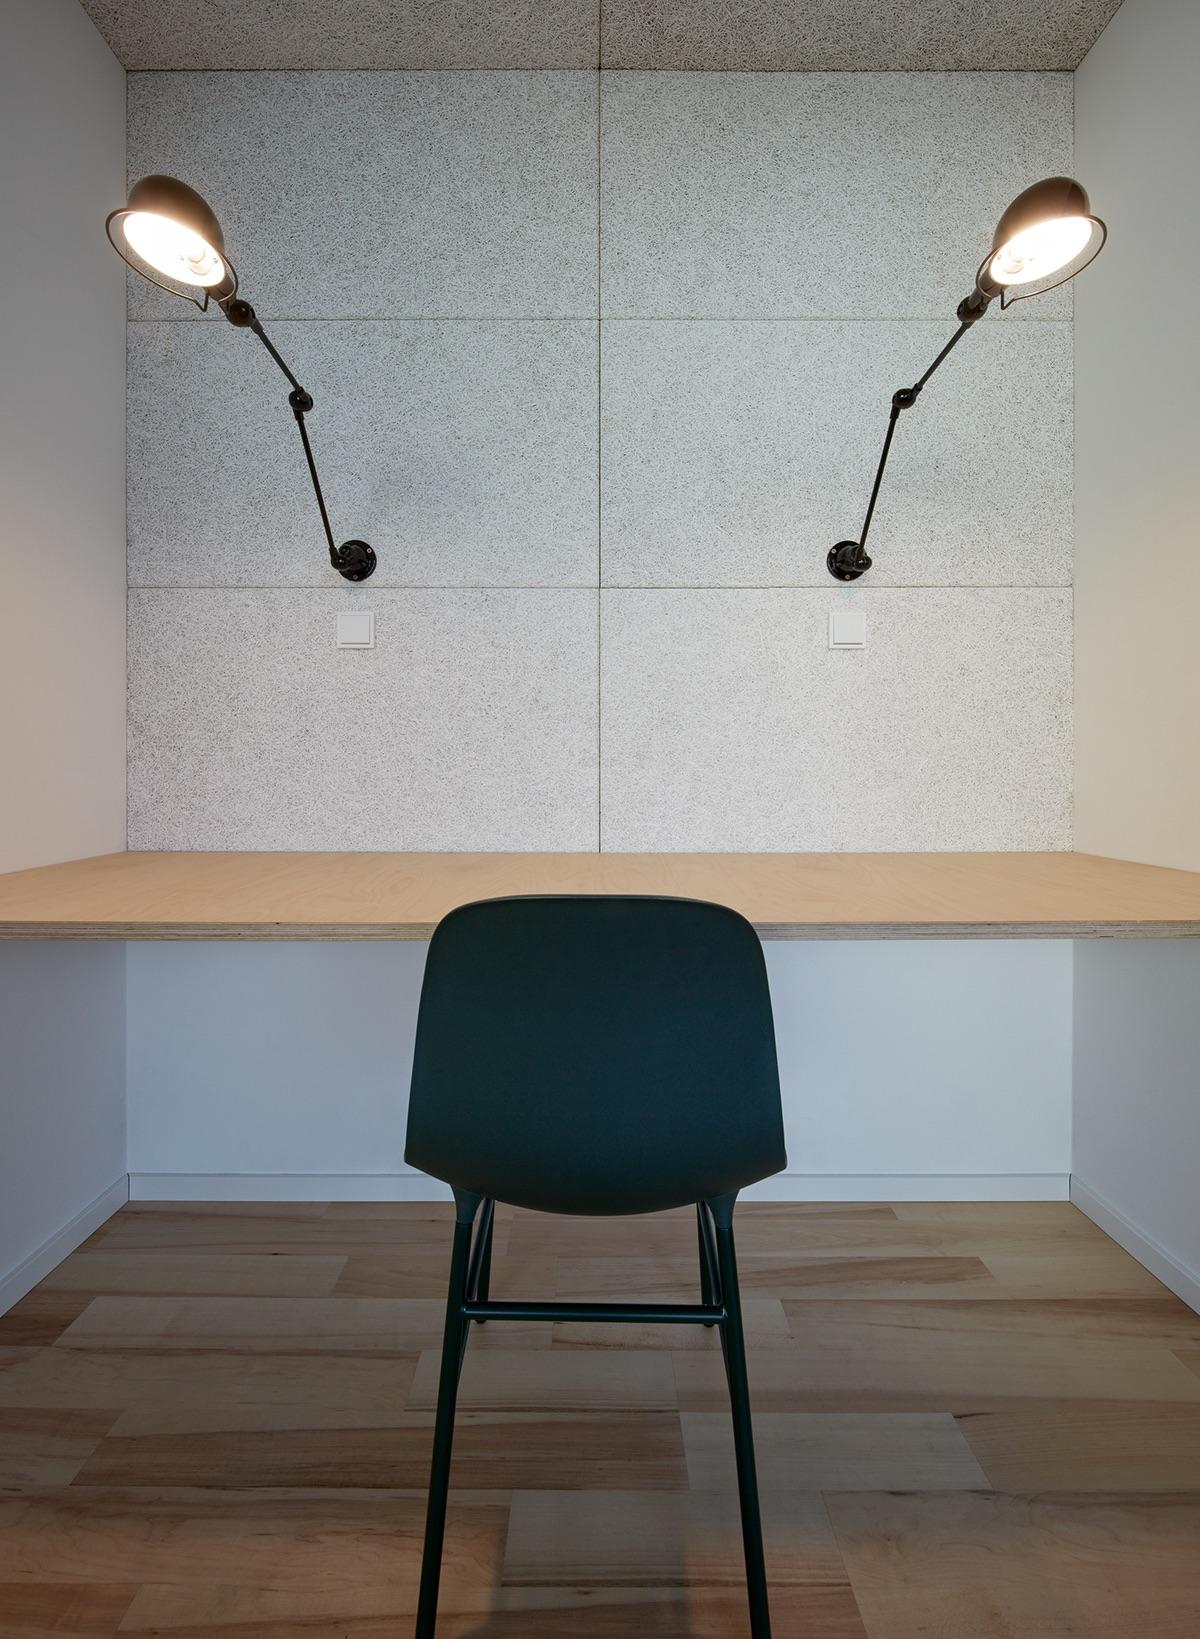 Privátní kancelář/Privátní pracovní prostor